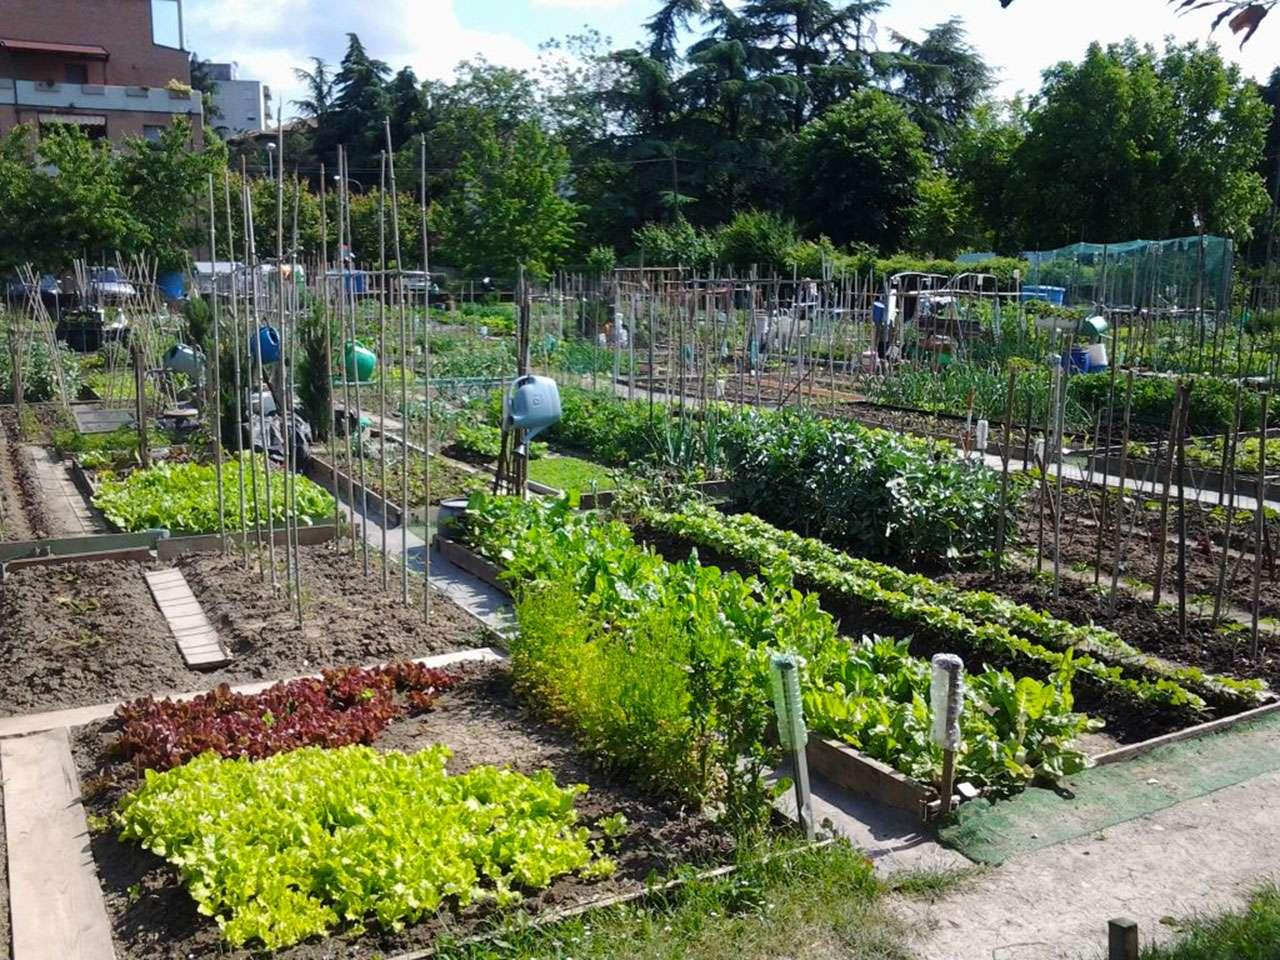 Orto come e quando organizzazione il nostro terreno for Organizzare giardino